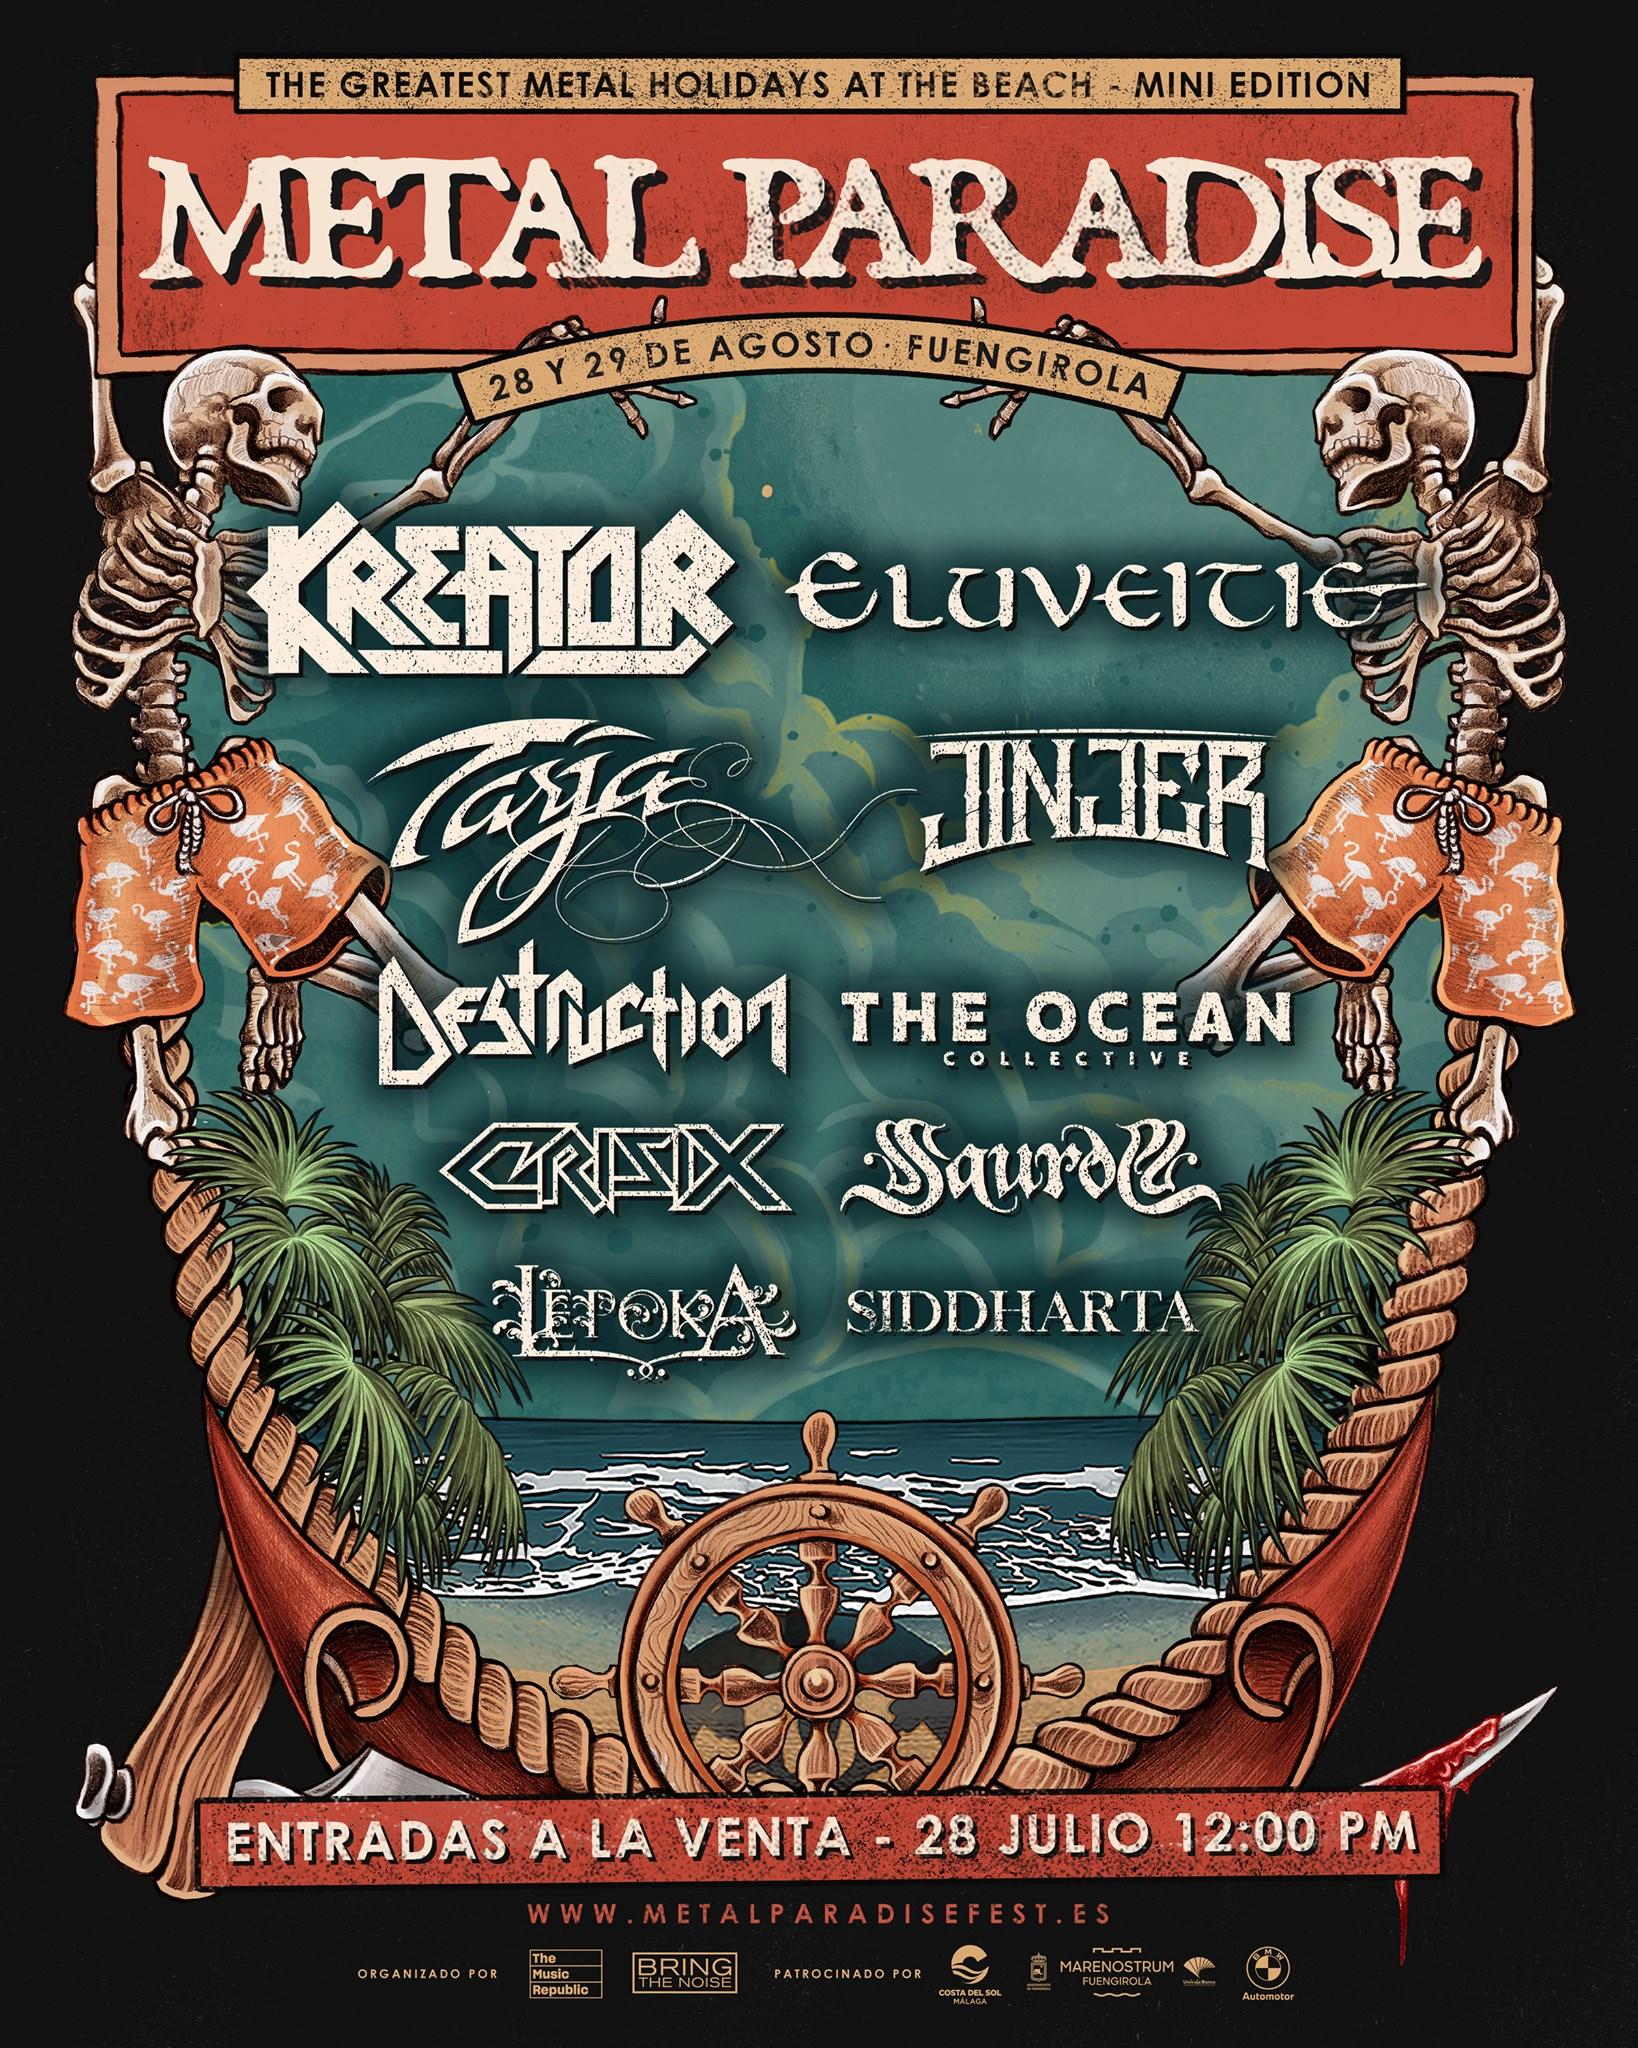 Metal paradise artwork